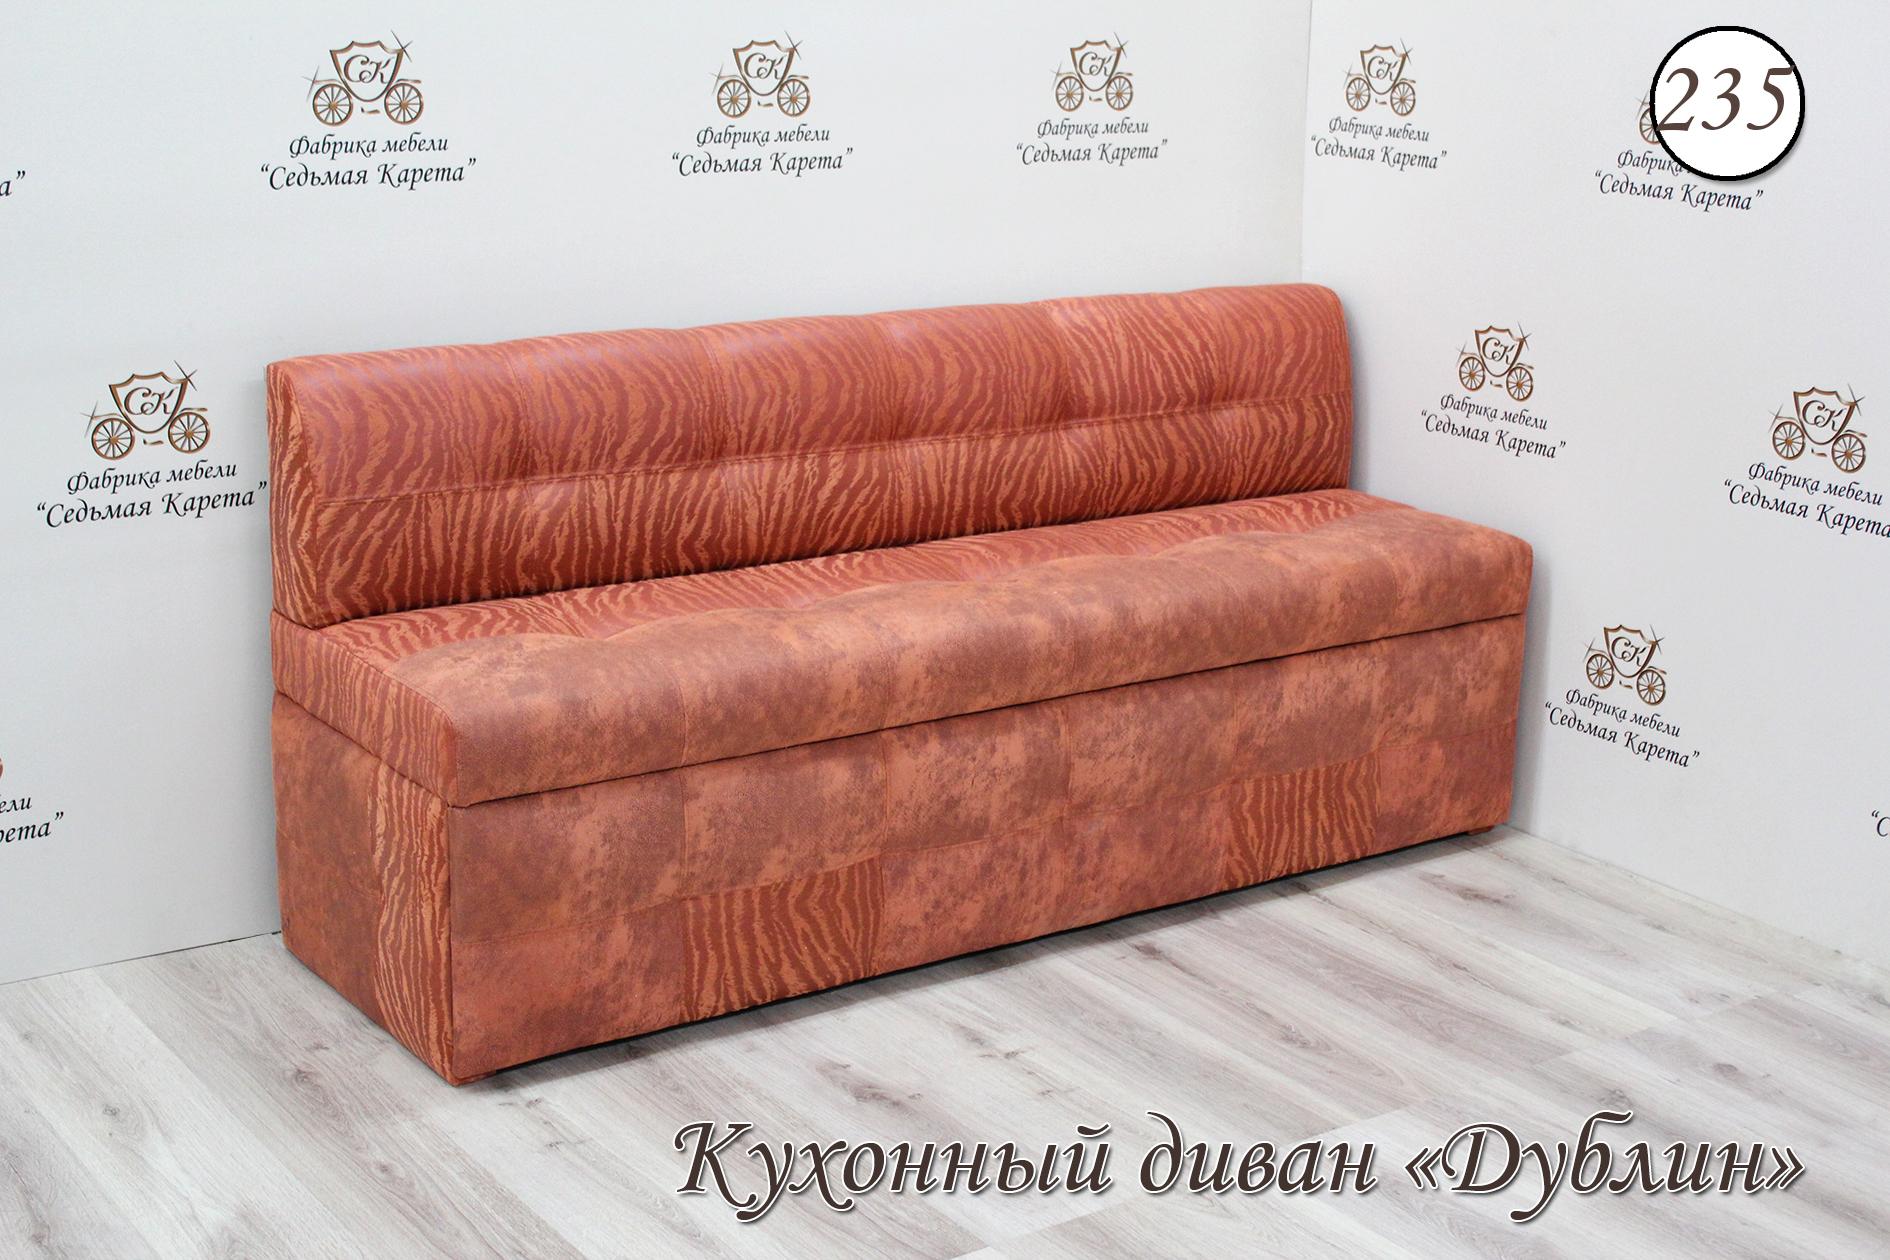 Кухонный диван Дублин-235 кухонный диван дублин